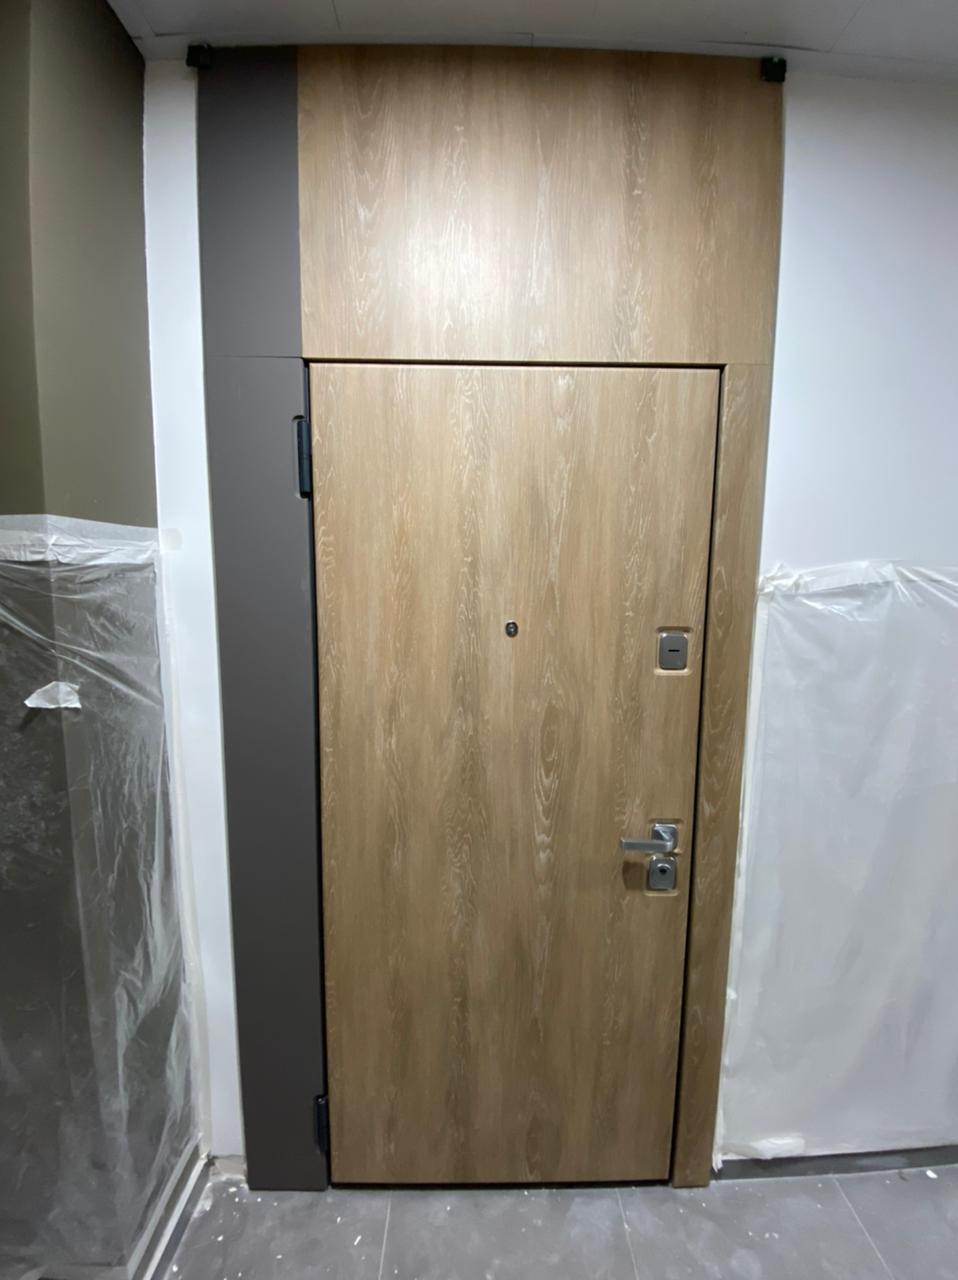 входная дверь стальная линия с широкими наличниками и фальшь фрамугой отделка ПВХ дуб миндальный квадратная фурнитура матовый хром рисунок гладкий CL-01